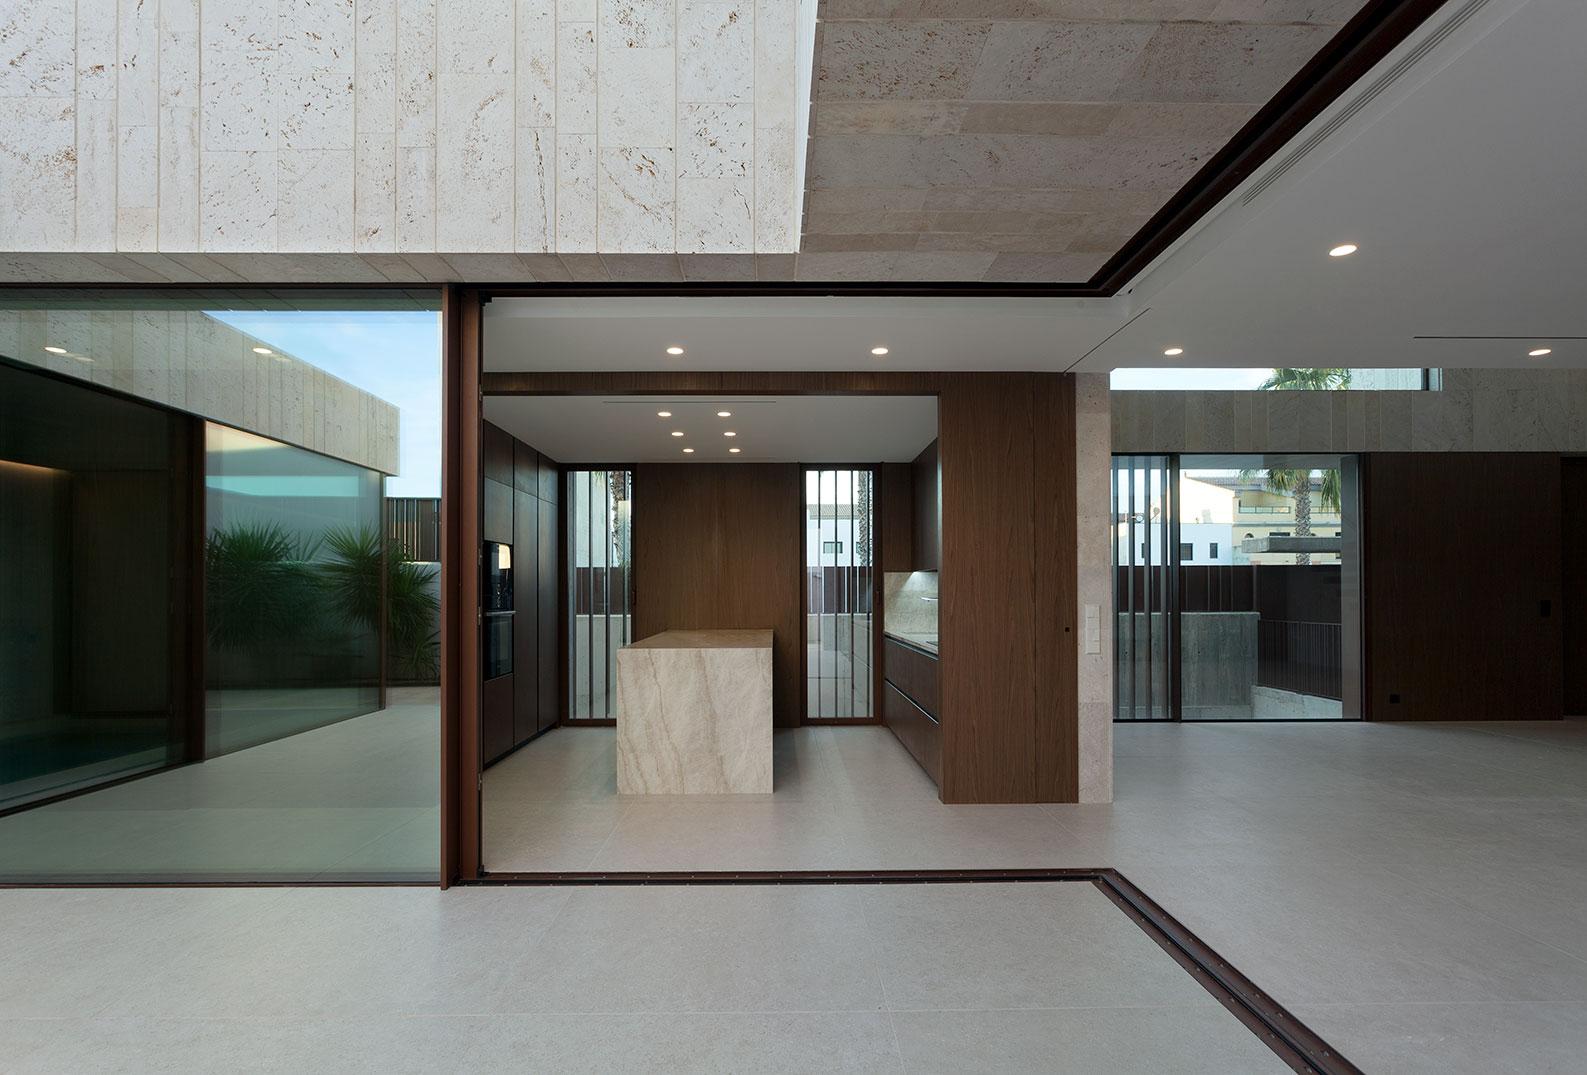 Proyecto Casa Alquería de Antonio Altarriba